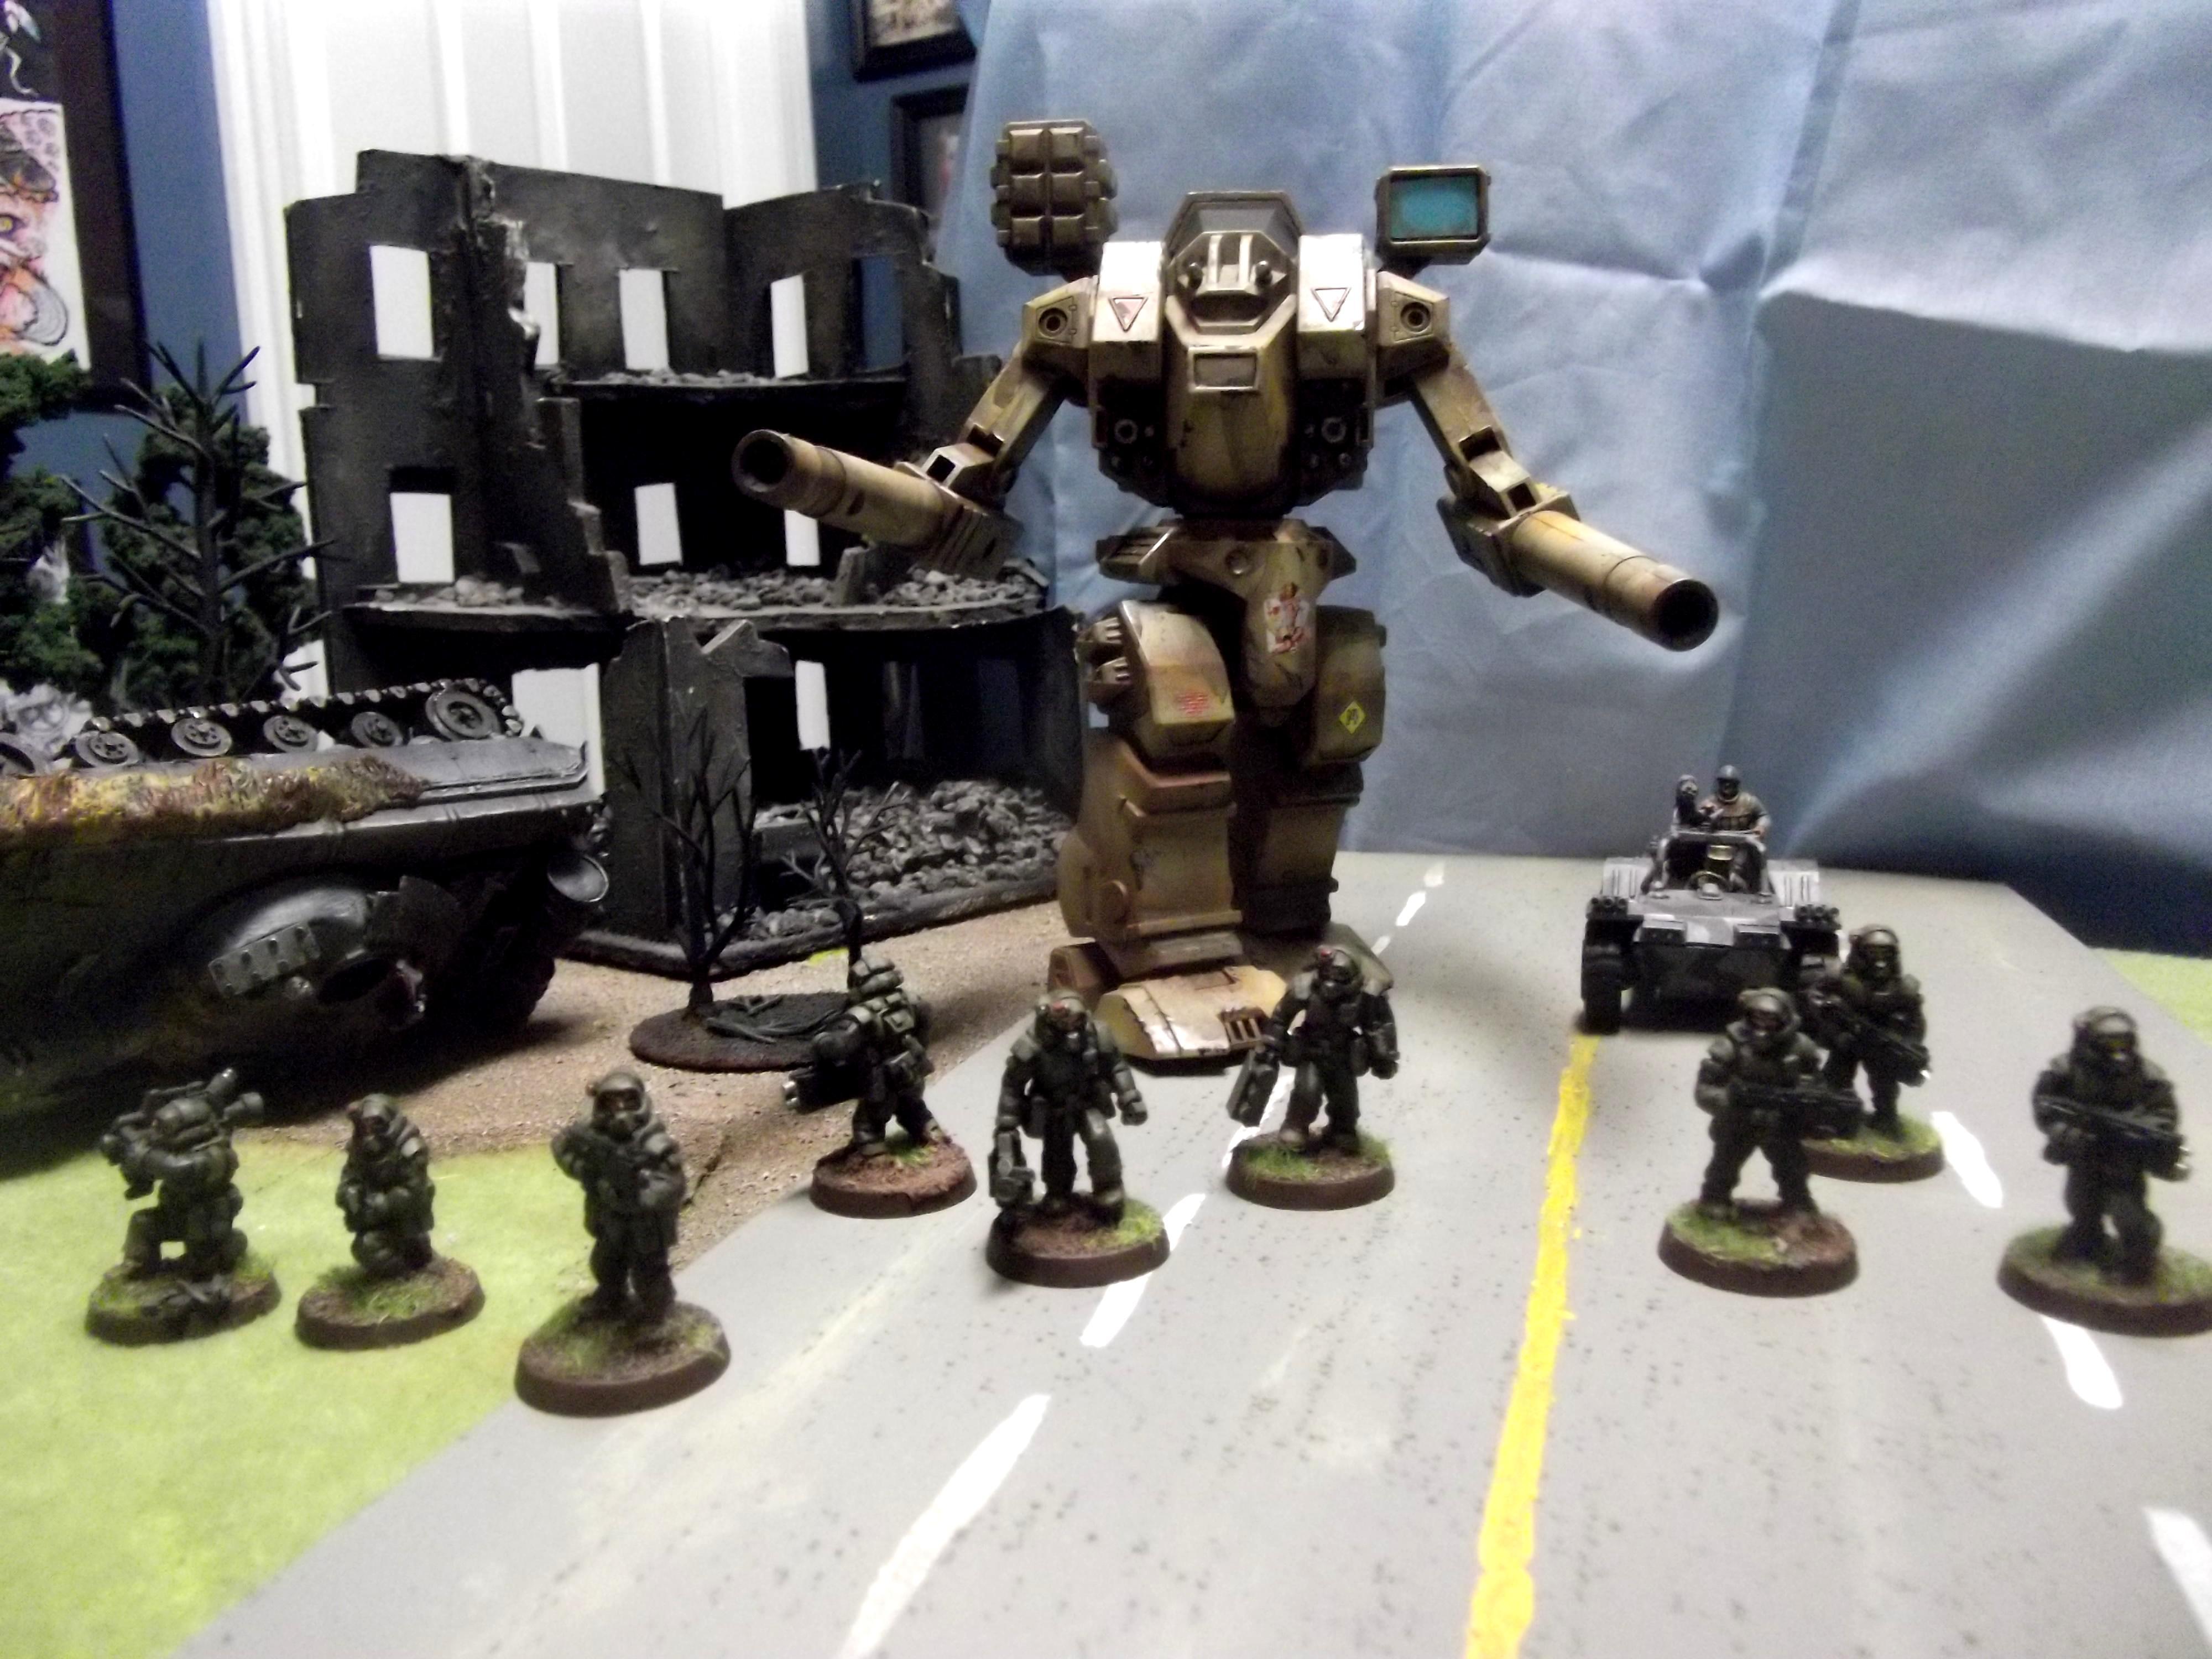 Battletech, Destroid, Knights, Macross, Mecha, Pig Iron, Robotech, Titan, Tomahawk